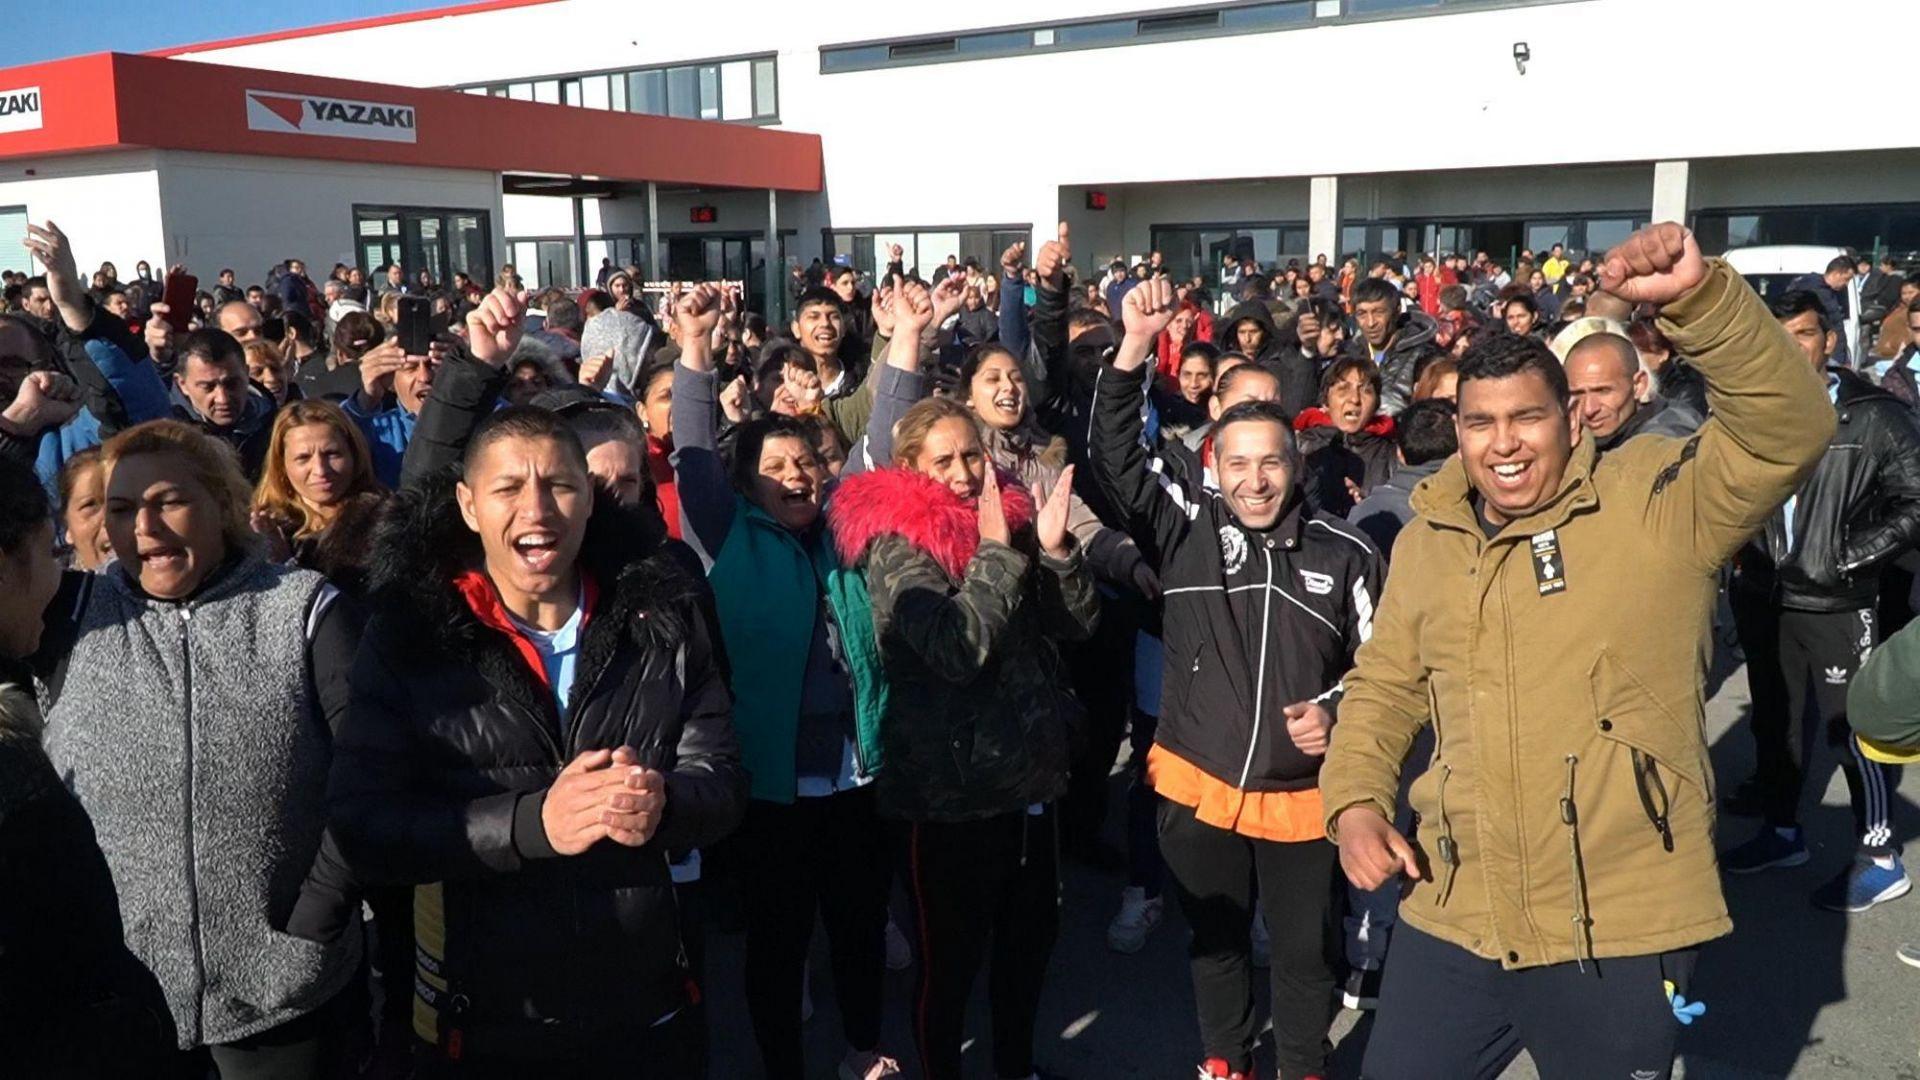 """Работници от """"Язаки"""" обявиха стачка заради страх от зараза (снимки)"""